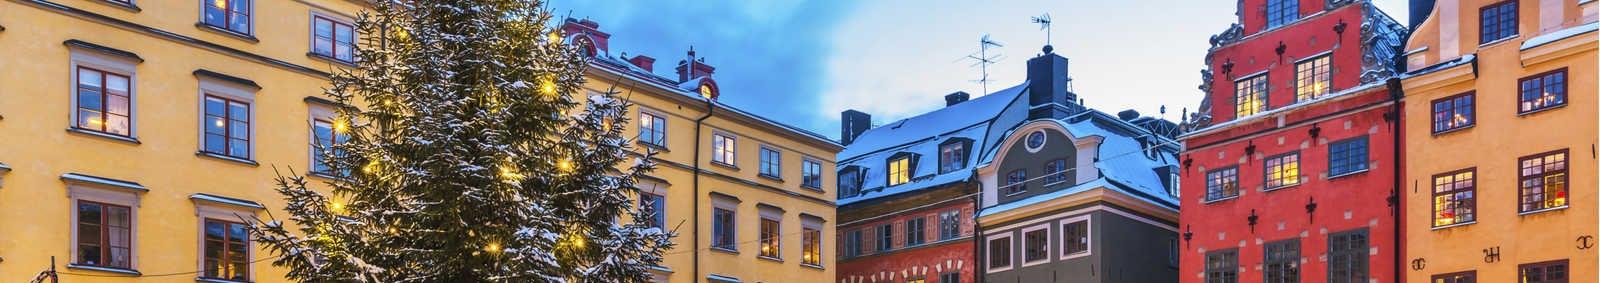 Christmas market in Stockholm, Sweden